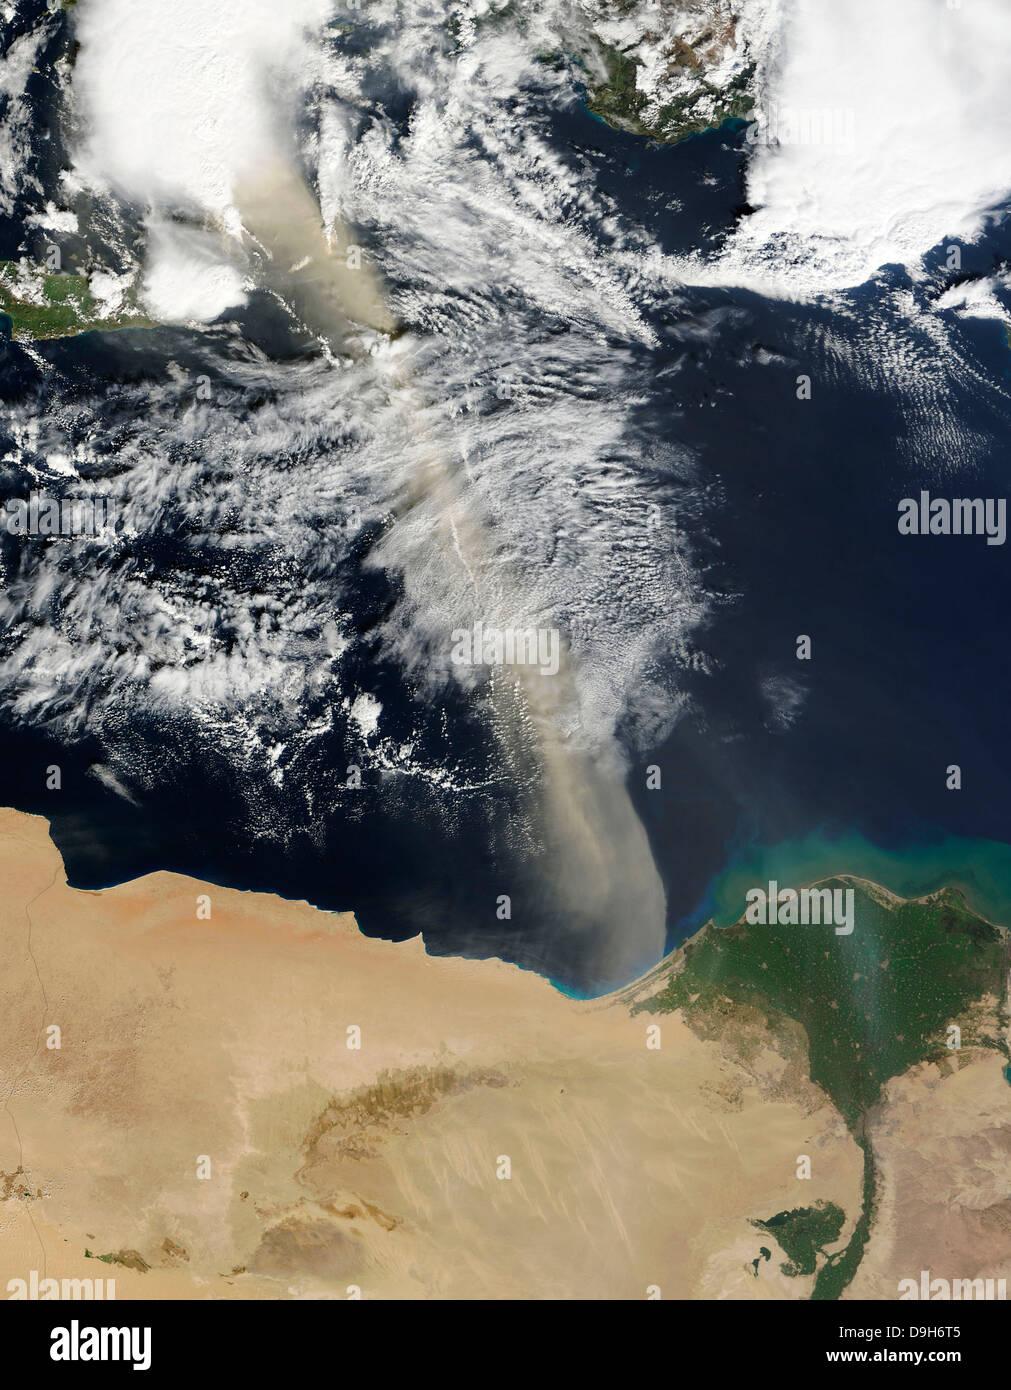 Eine Wolke von Staub erstreckt sich über das Mittelmeer. Stockbild